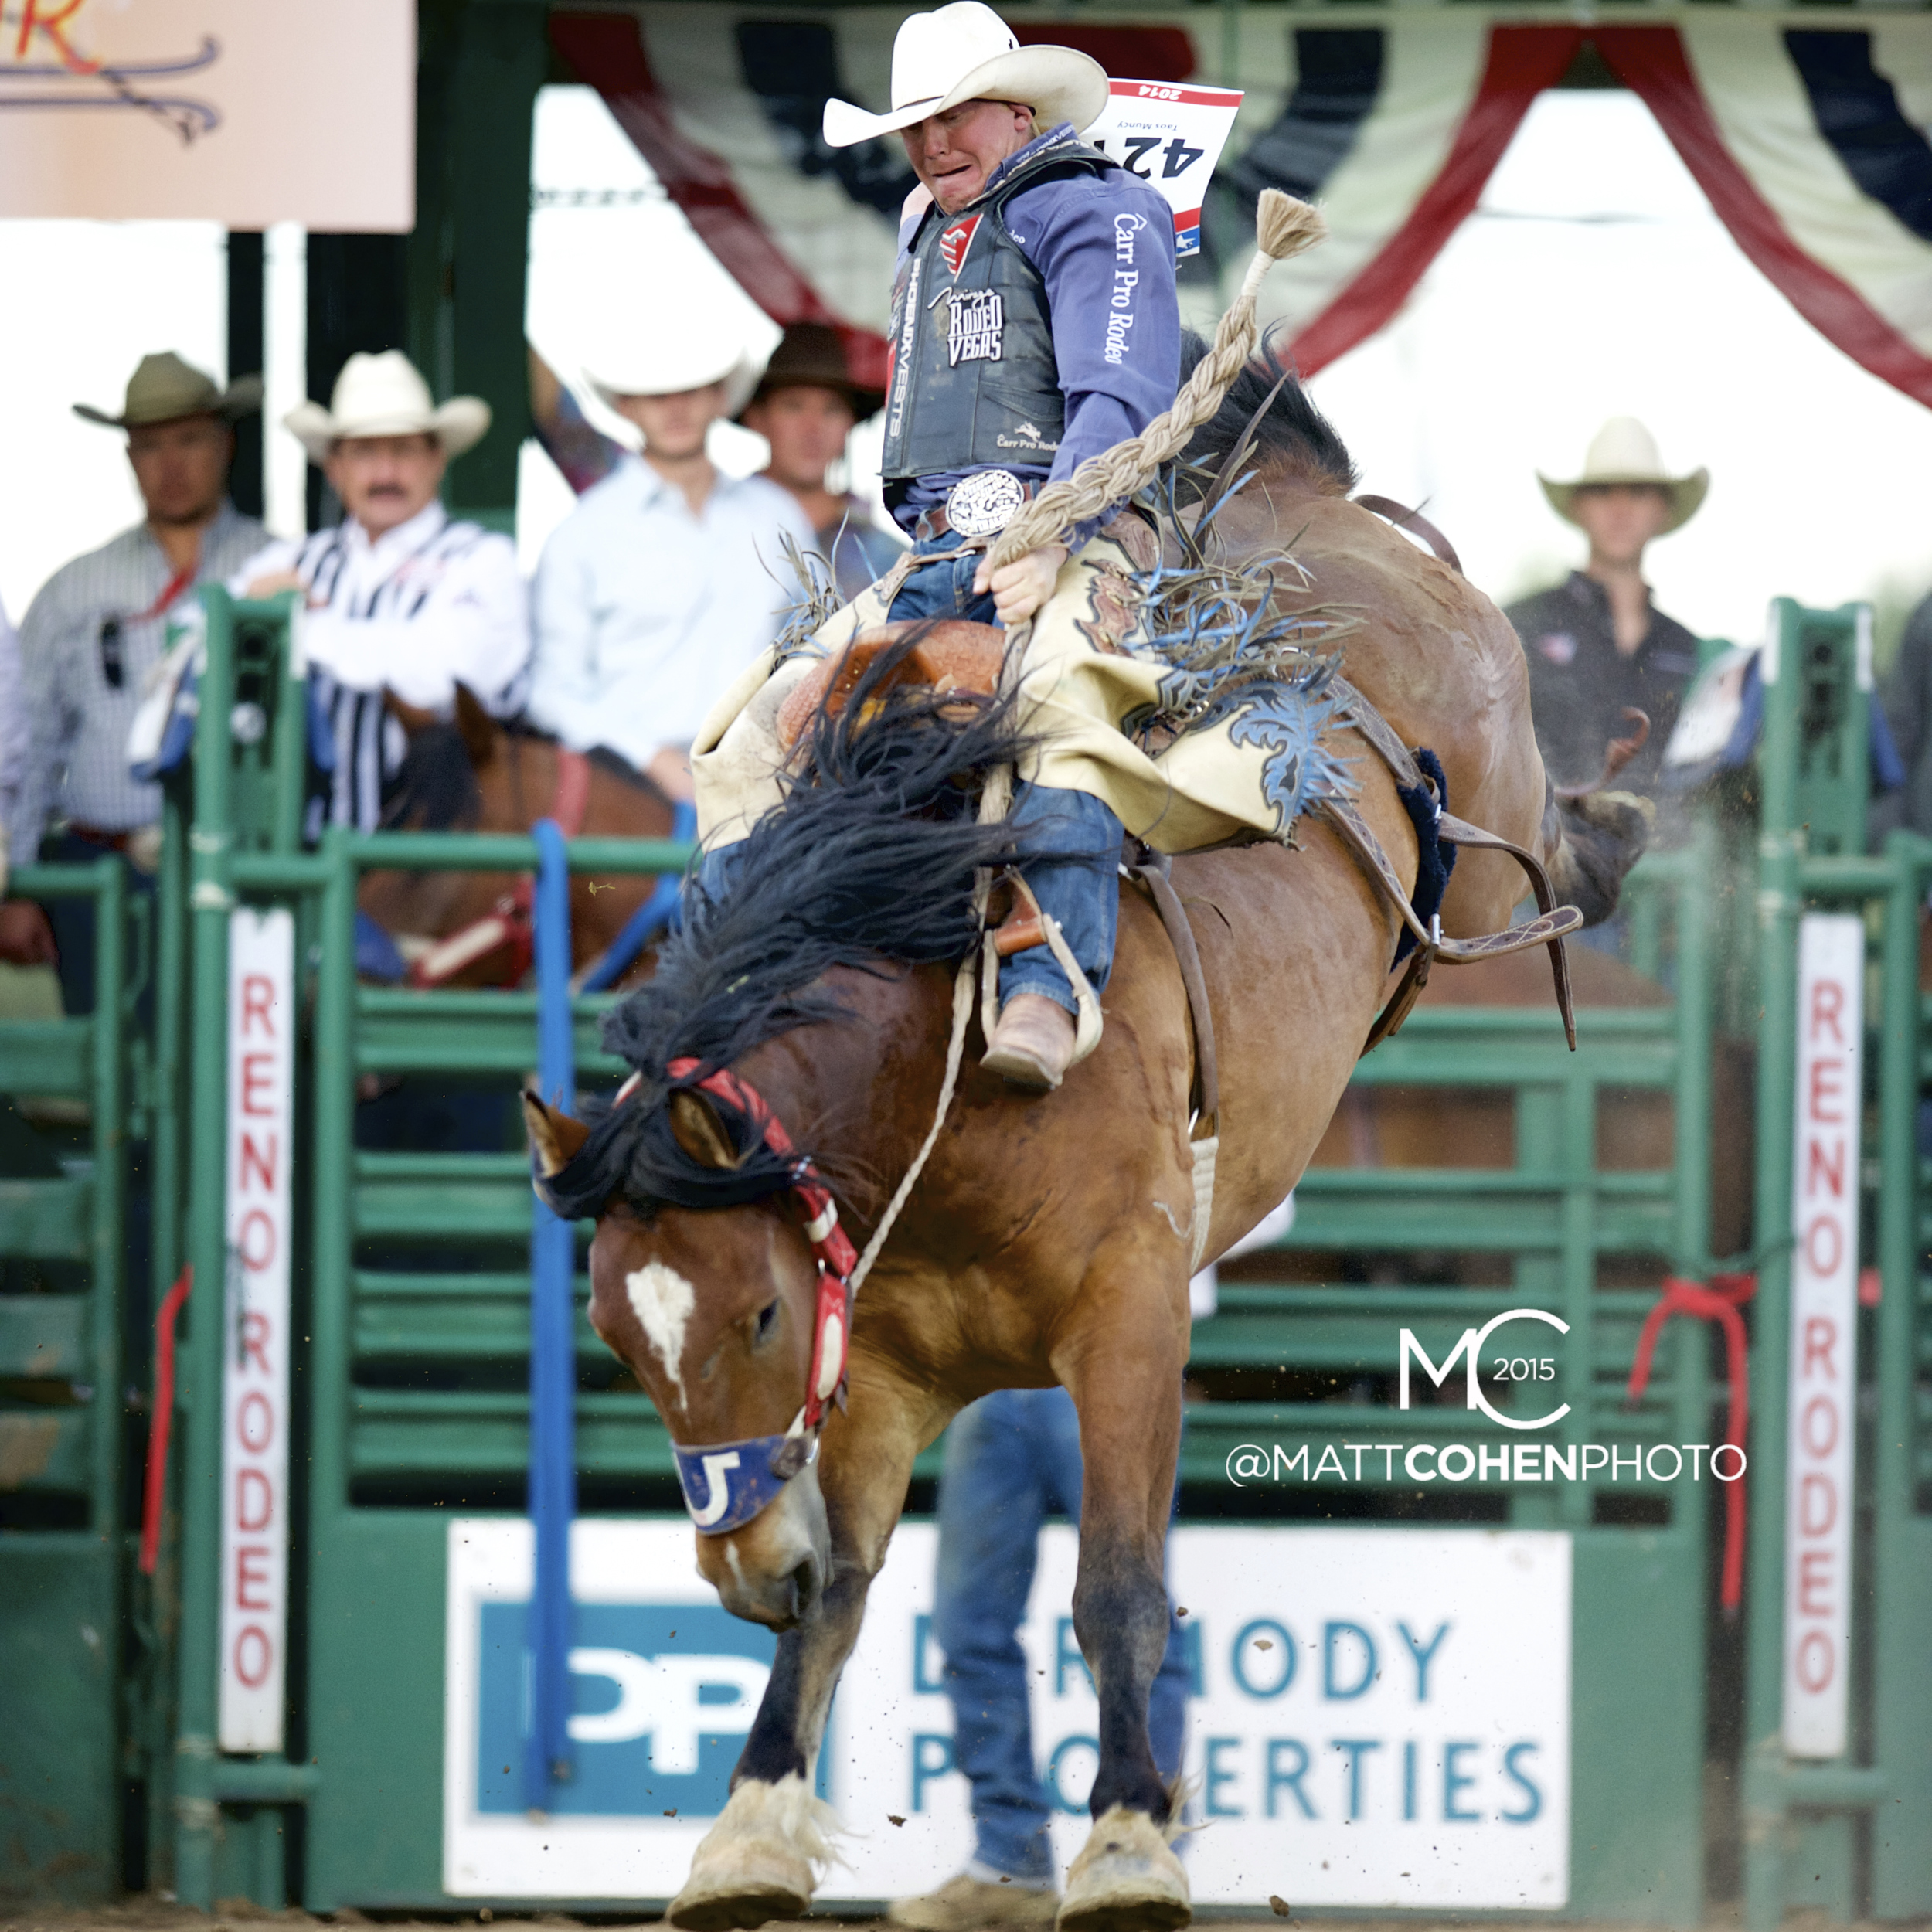 #5 - Taos Muncy of Corona, NM